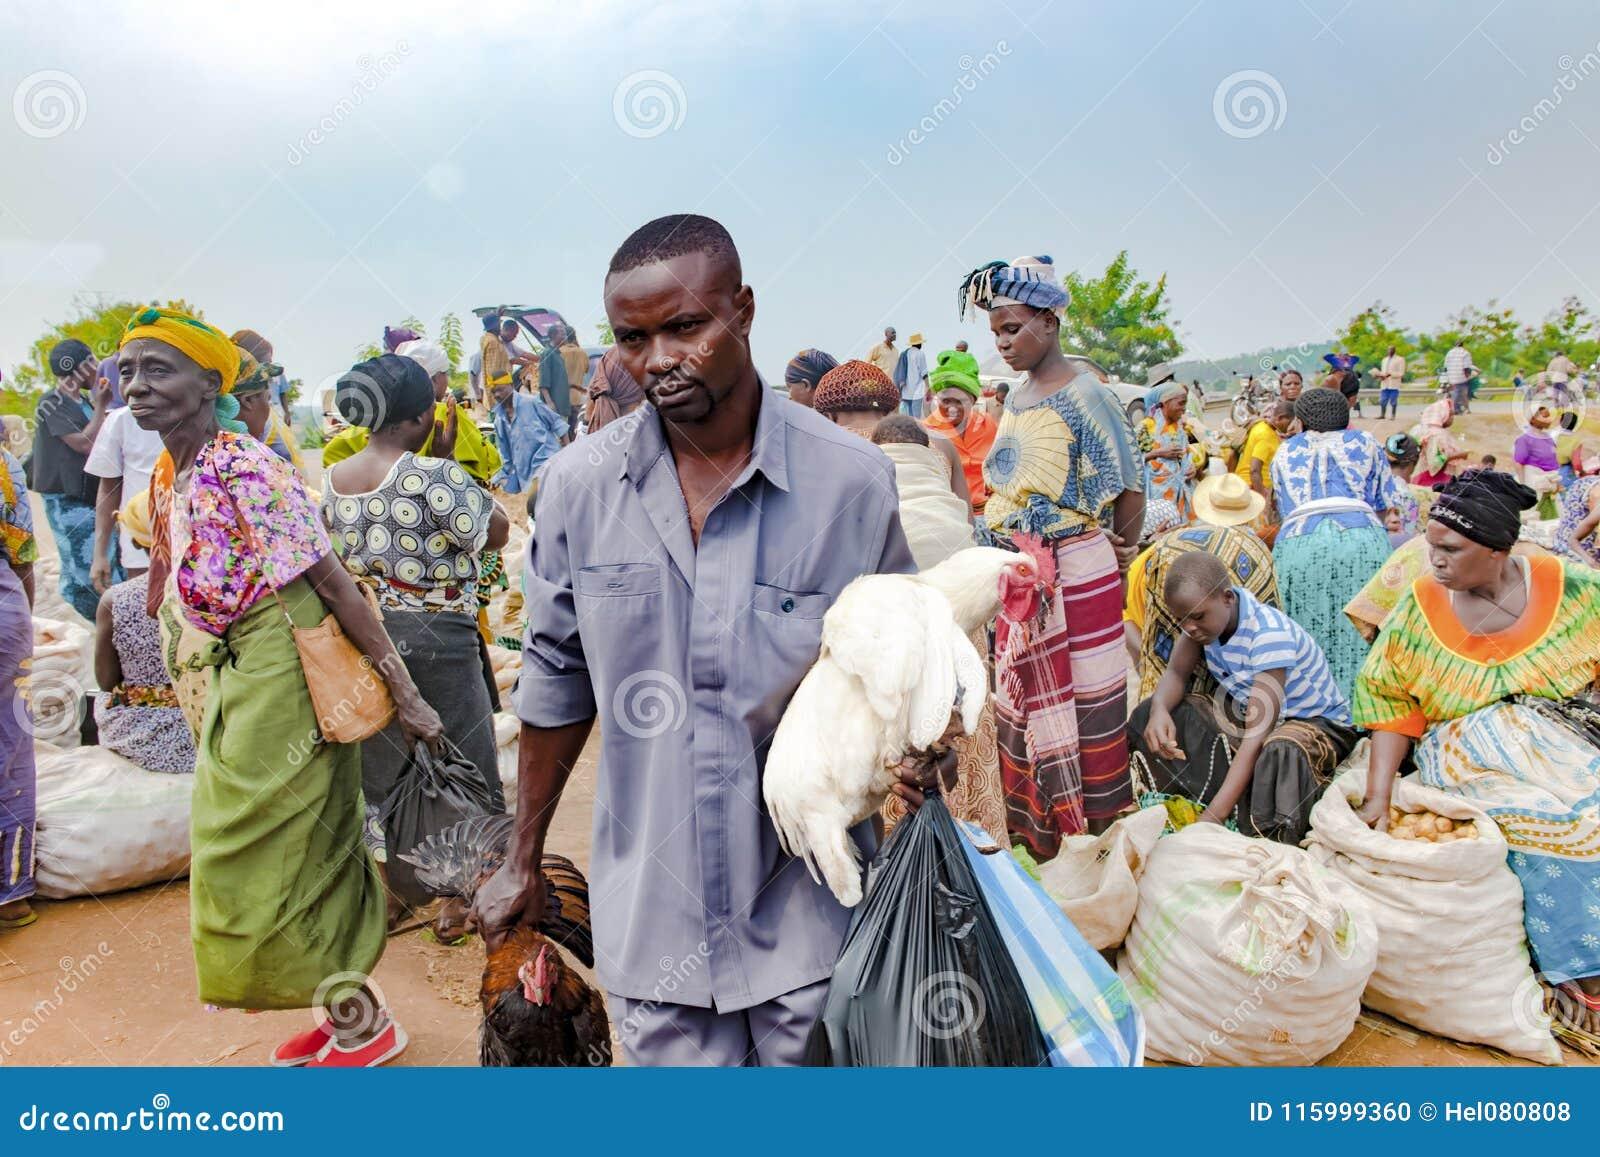 Mercado africano, verdura típica y mercado de carne Uganda, África